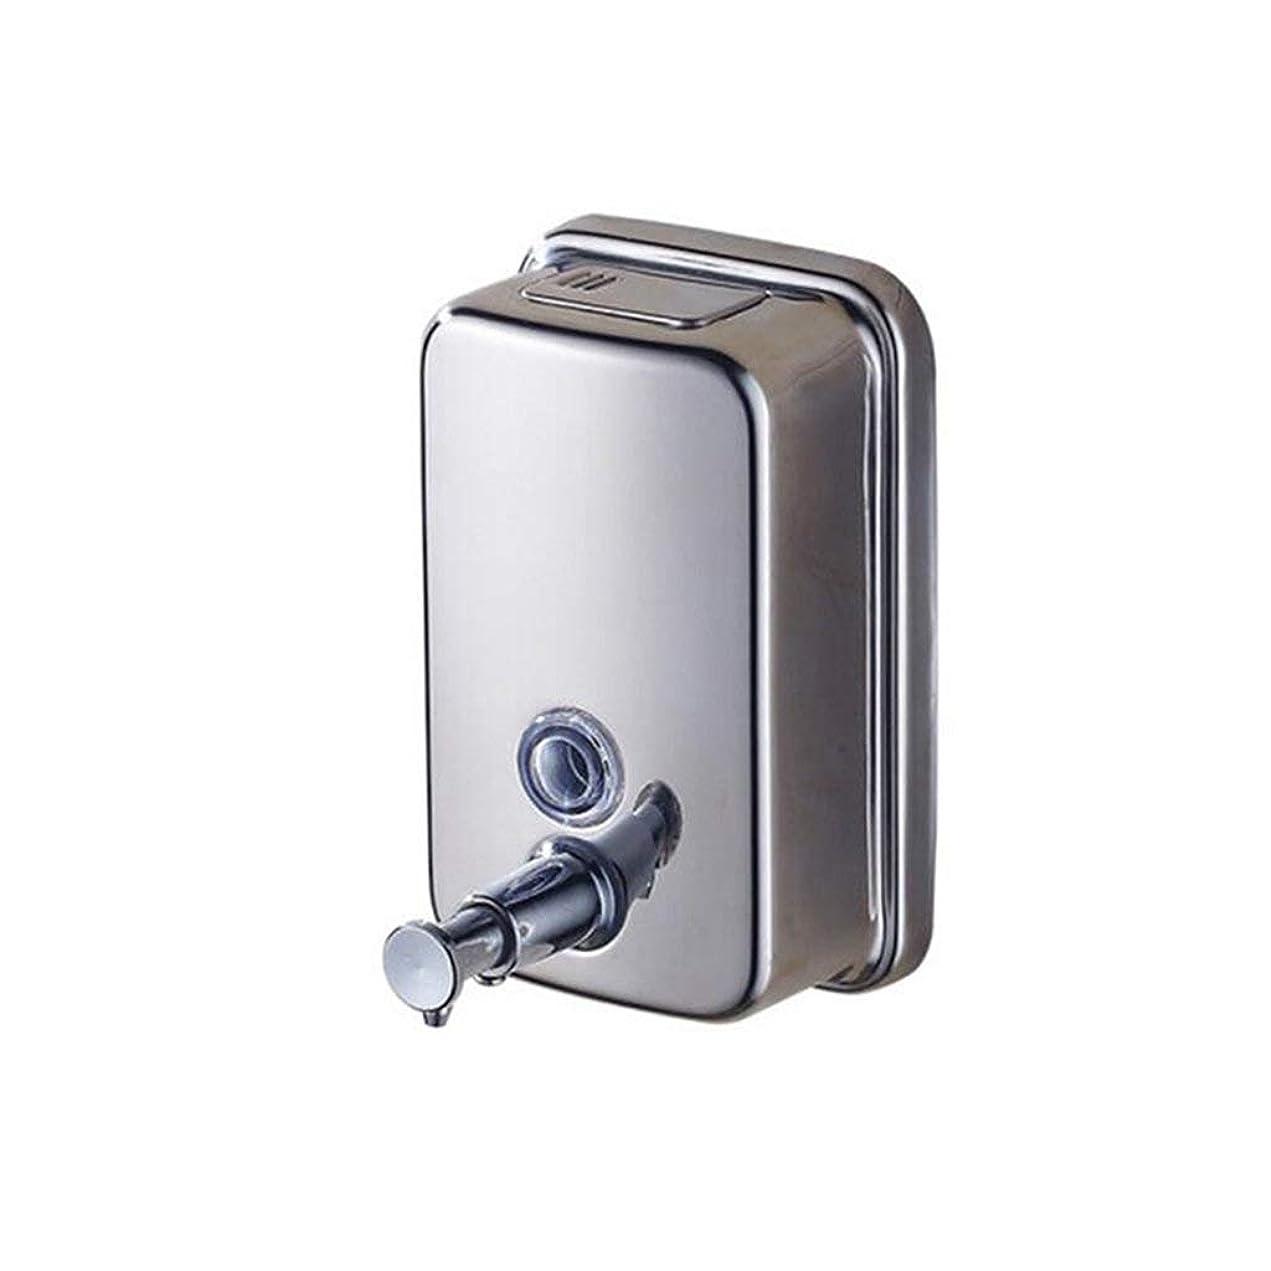 取り替える仮定、想定。推測好色なKylinssh 台所の流しおよび浴室のための単に壁に設置されたソープディスペンサー - ソープディスペンサーホルダー